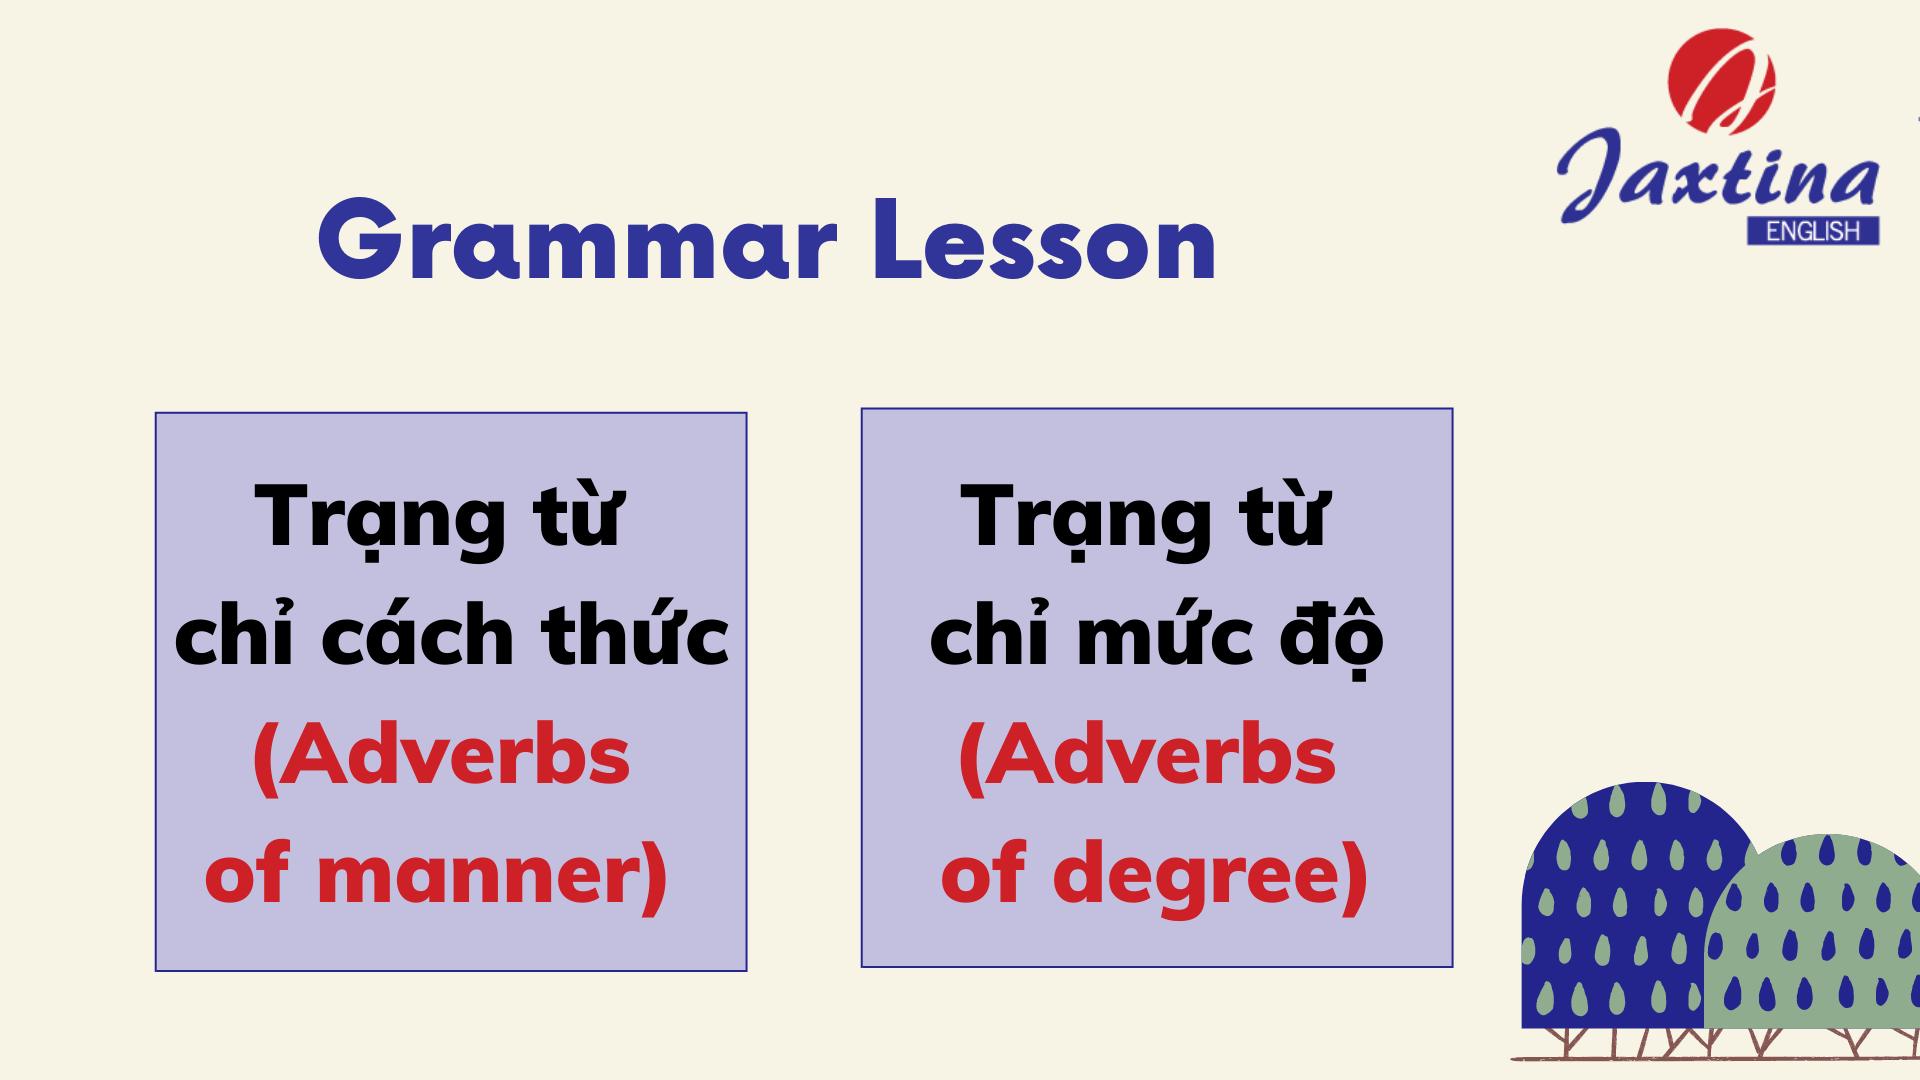 Trạng từ chỉ cách thức và trạng từ chỉ mức độ (Adverbs of manner & Adverbs of degree)